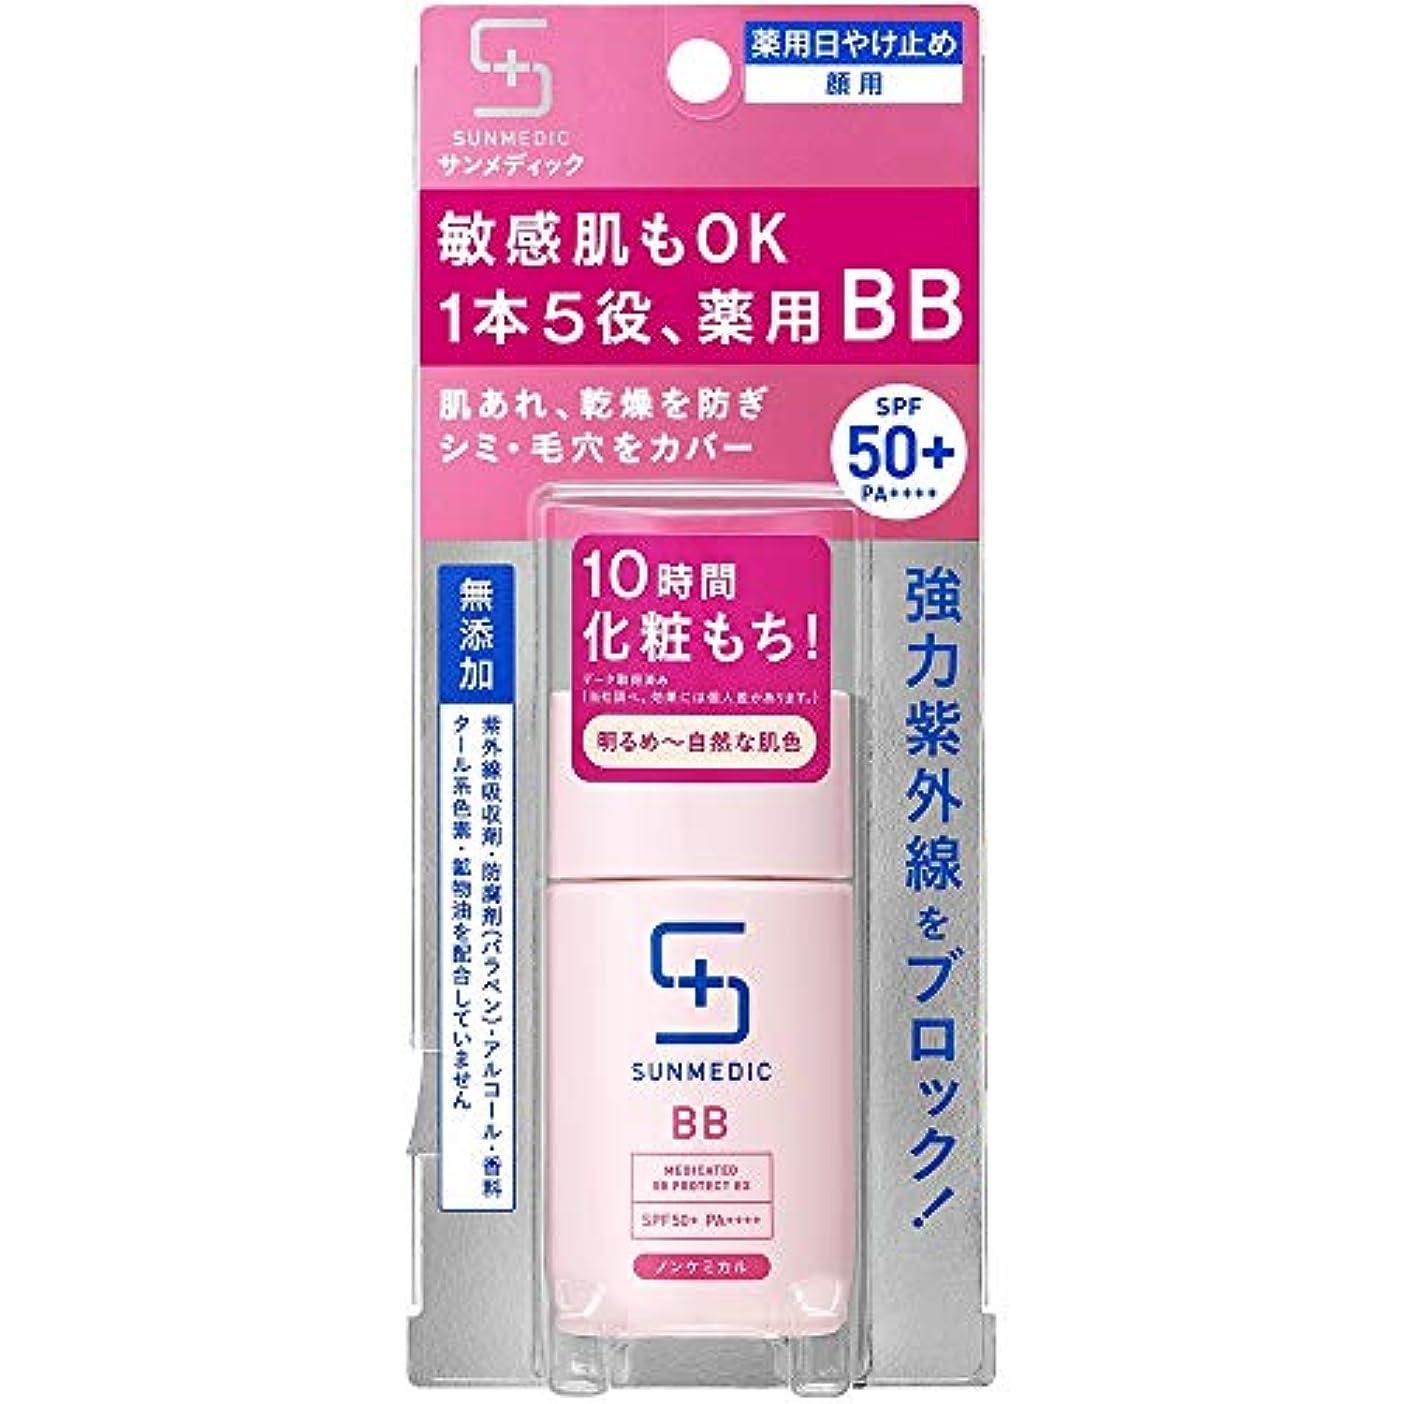 海外同等のはずサンメディックUV 薬用BBプロテクトEX ライト 30ml (医薬部外品)